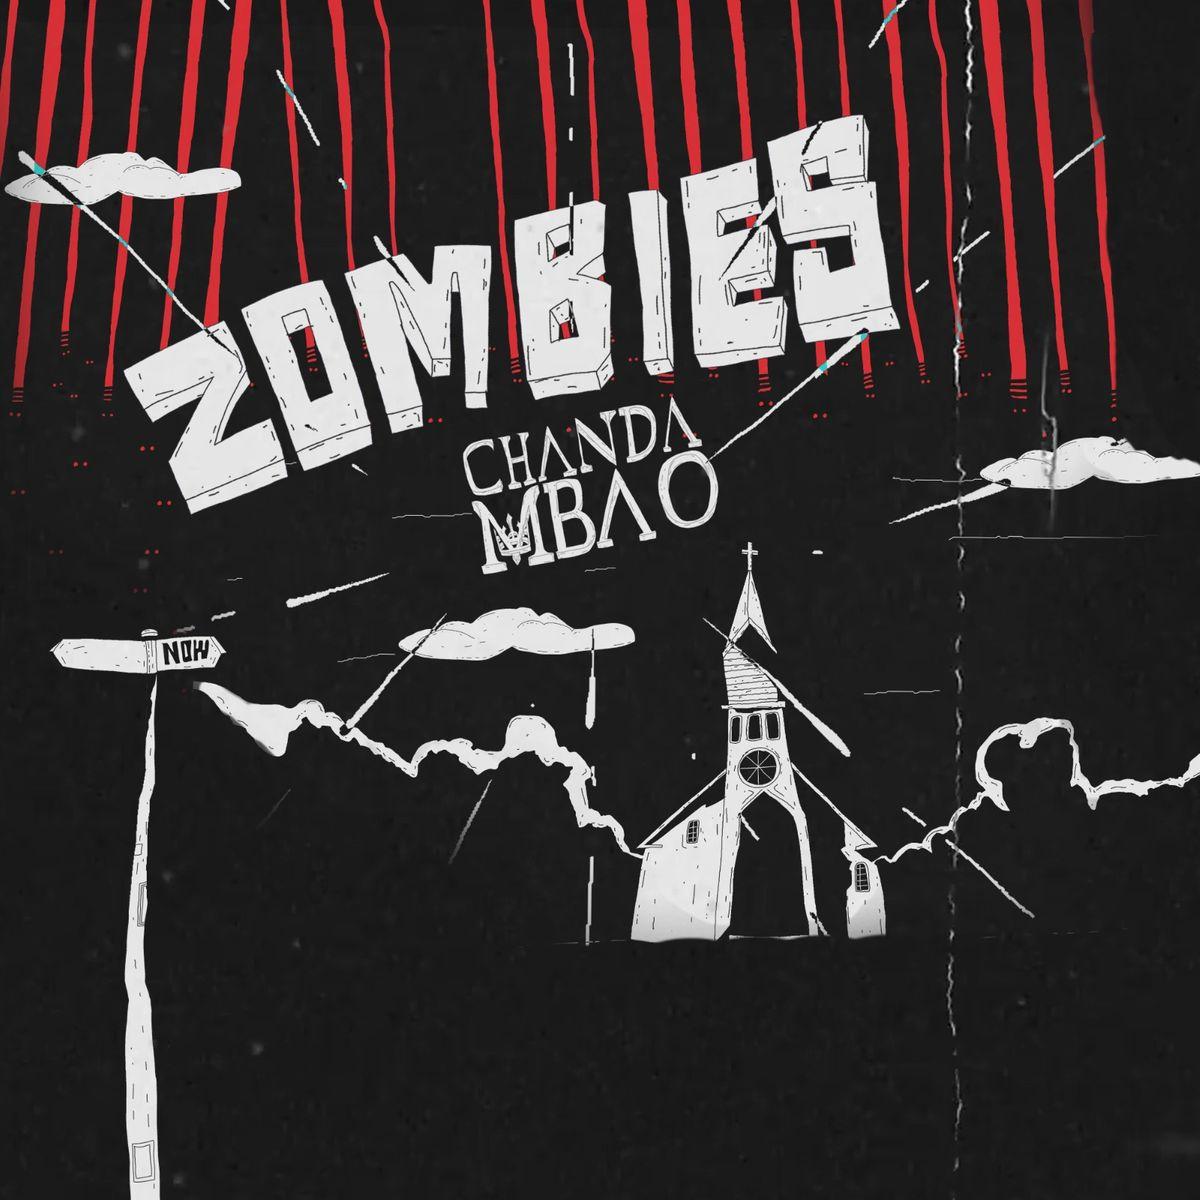 Chanda Mbao - Zombies